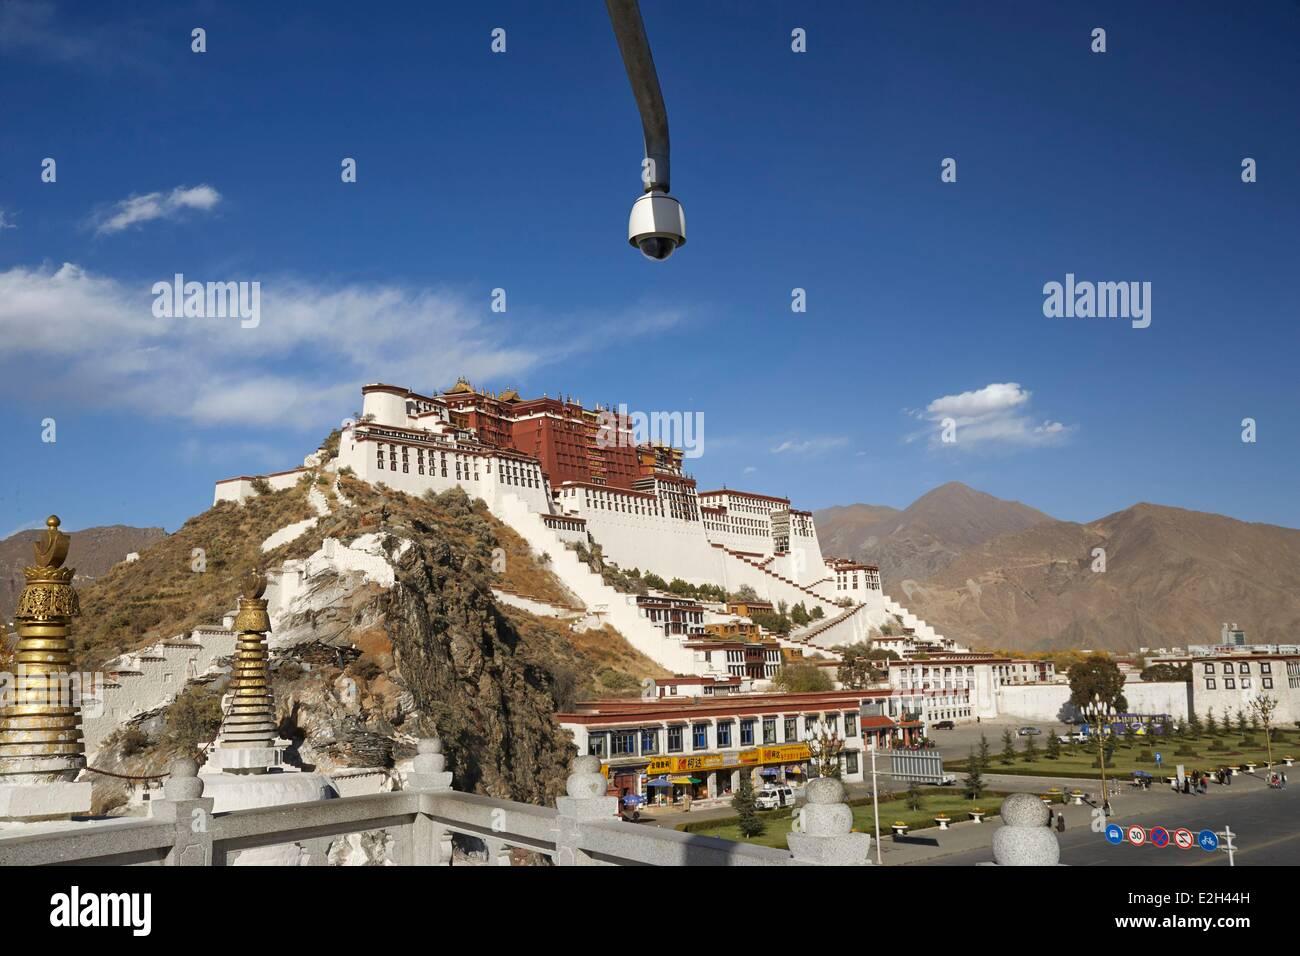 China Tibet Lhassa security camera close to Potala Palace - Stock Image